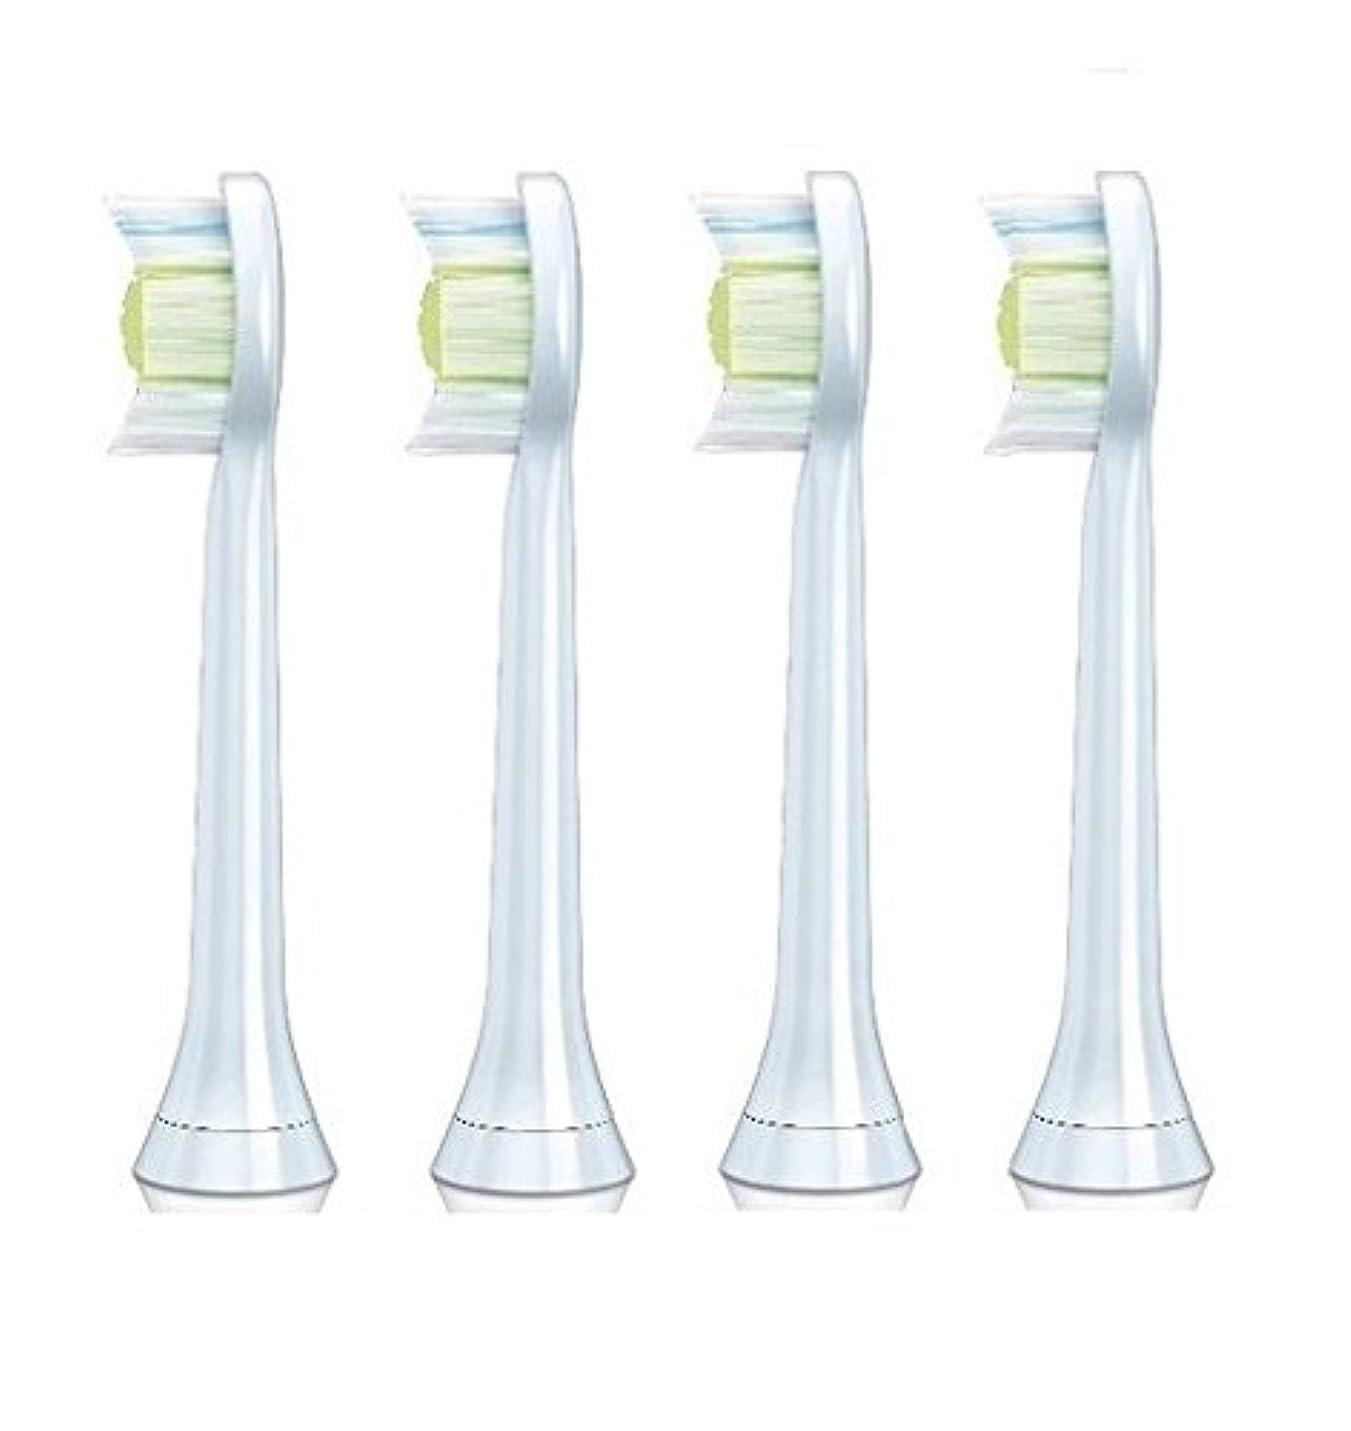 イブより多いアルバニーHX6064 HX6062 互換 替え歯ブラシ 4本セット 替えブラシ PHILIPS フィリップス ソニッケアー スタンダードサイズ